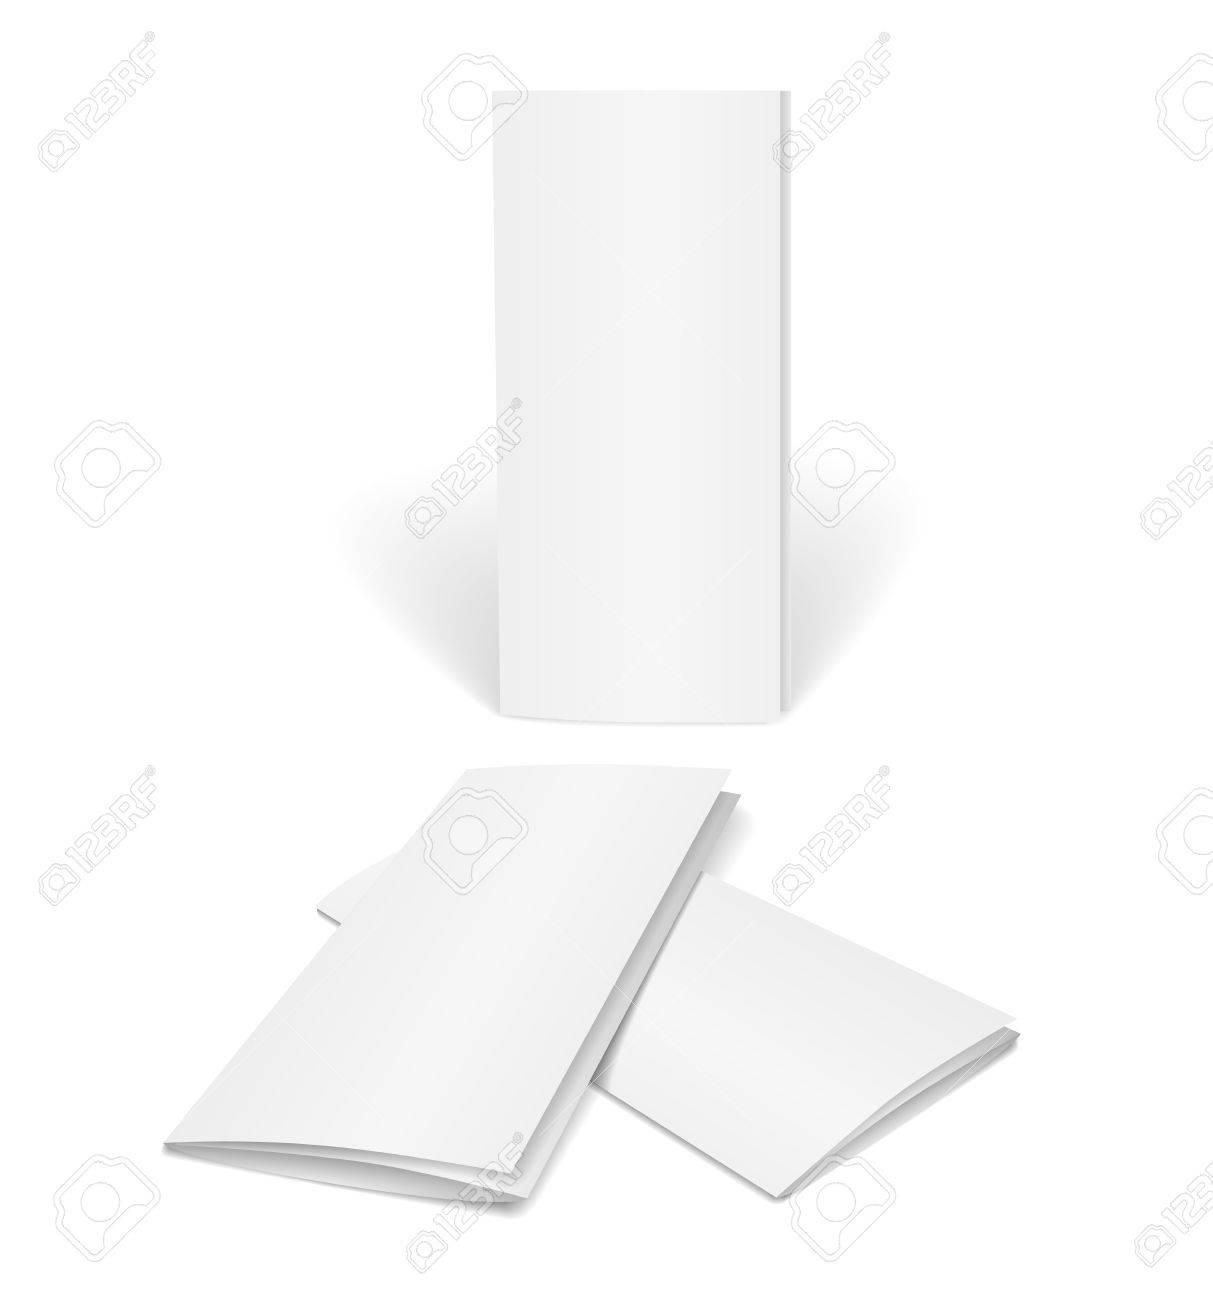 Blanco Vector Plantilla De Folleto Sobre Fondo Blanco Para El Diseño ...